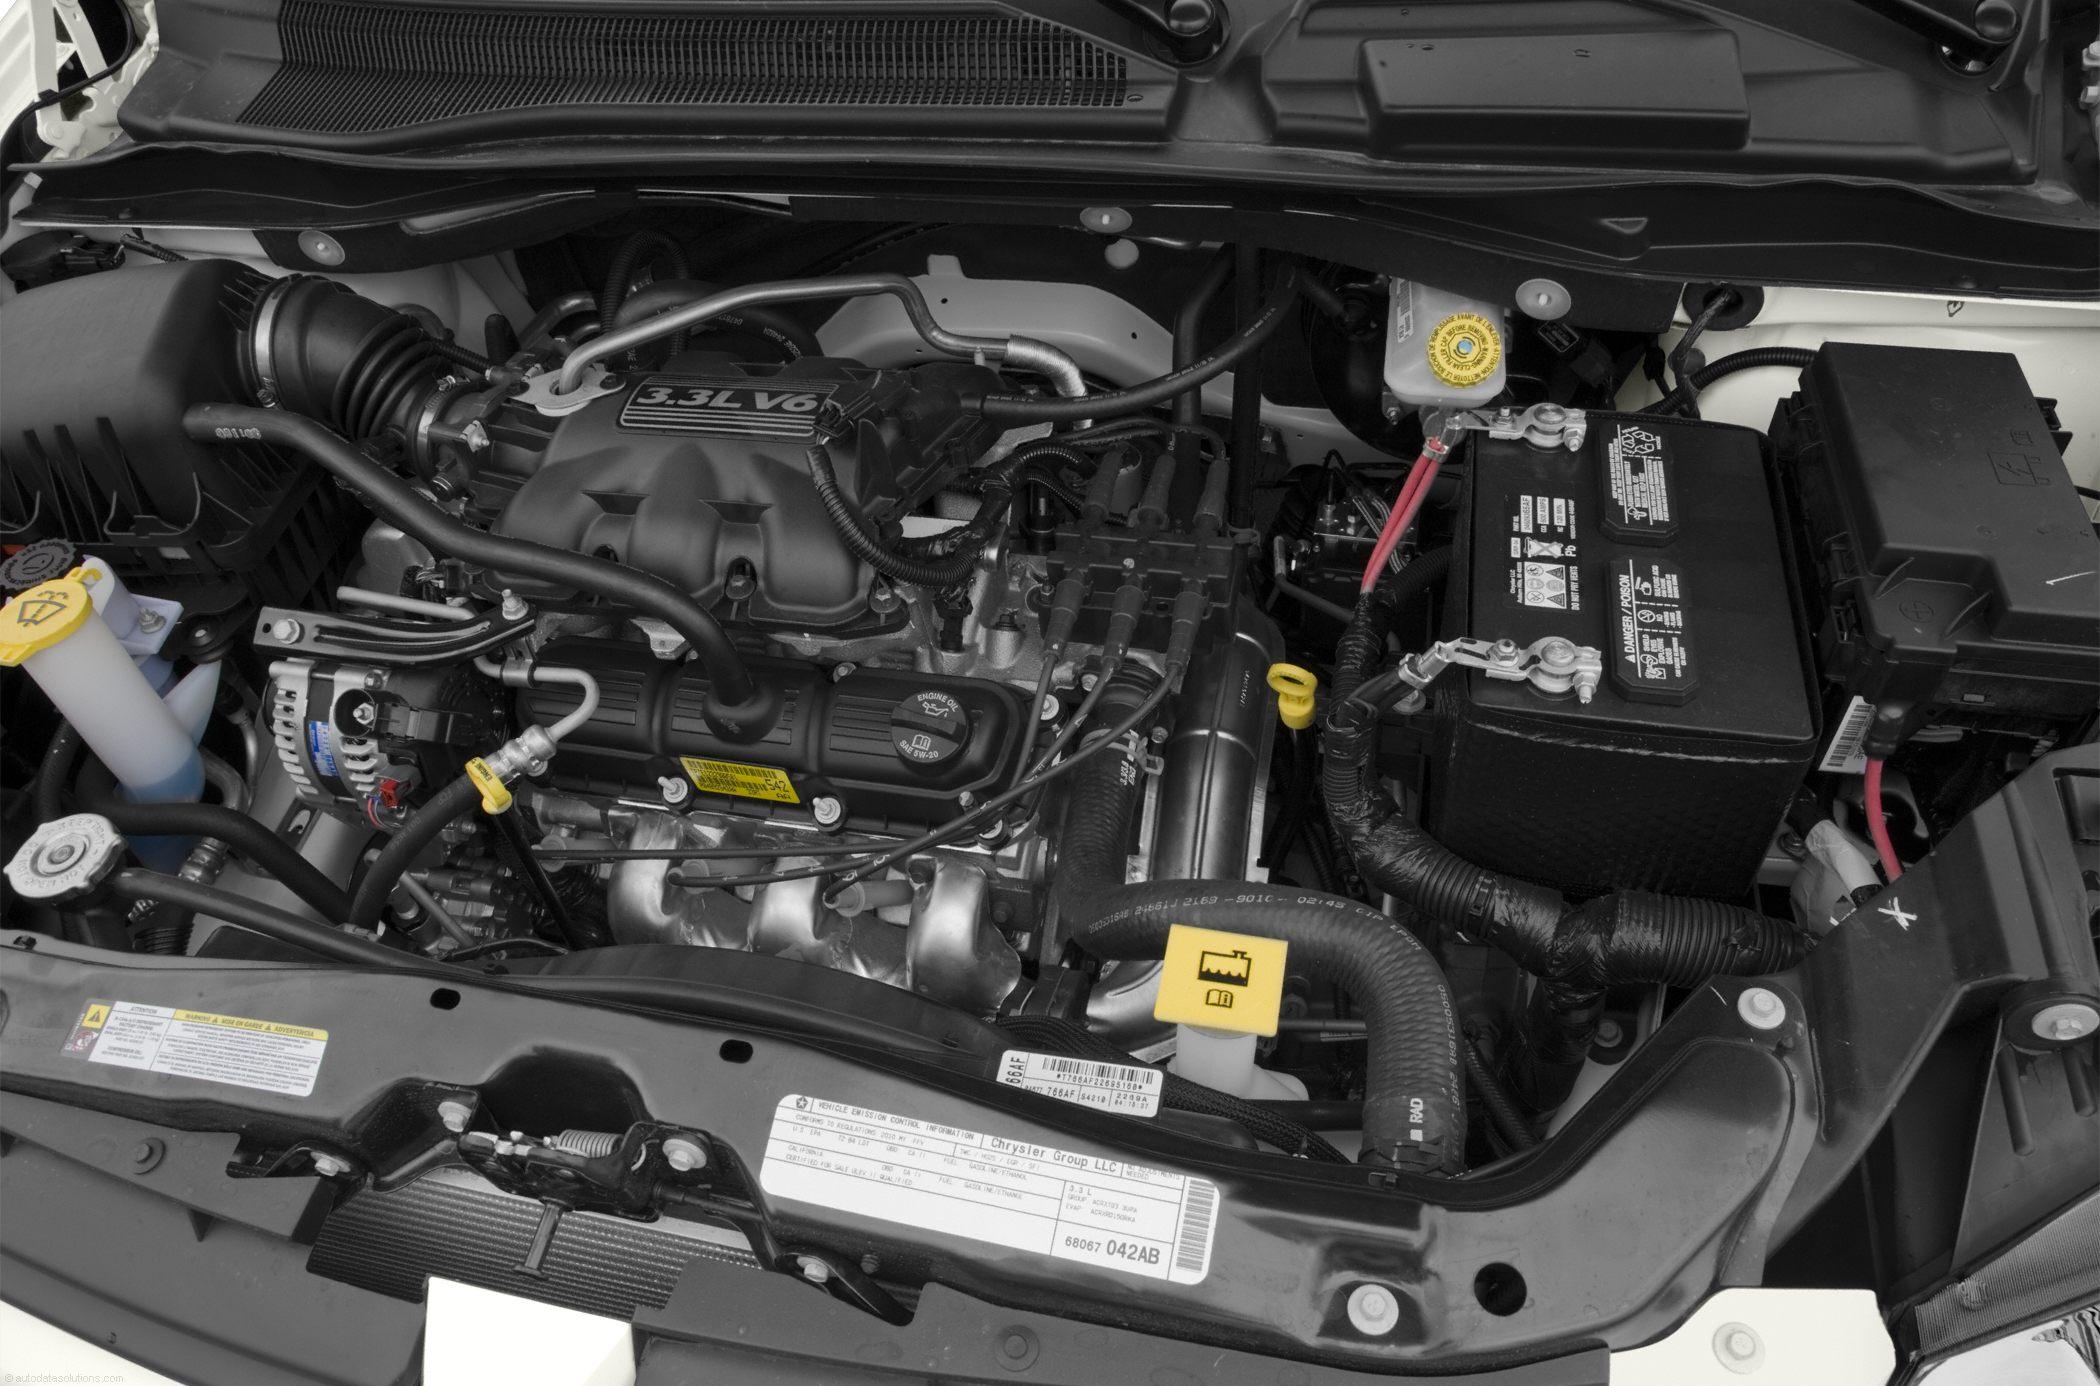 2007 Dodge Caravan Engine Diagram - Ac Motor Capacitor Wiring Diagram -  tomosa35.tukune.jeanjaures37.frWiring Diagram Resource